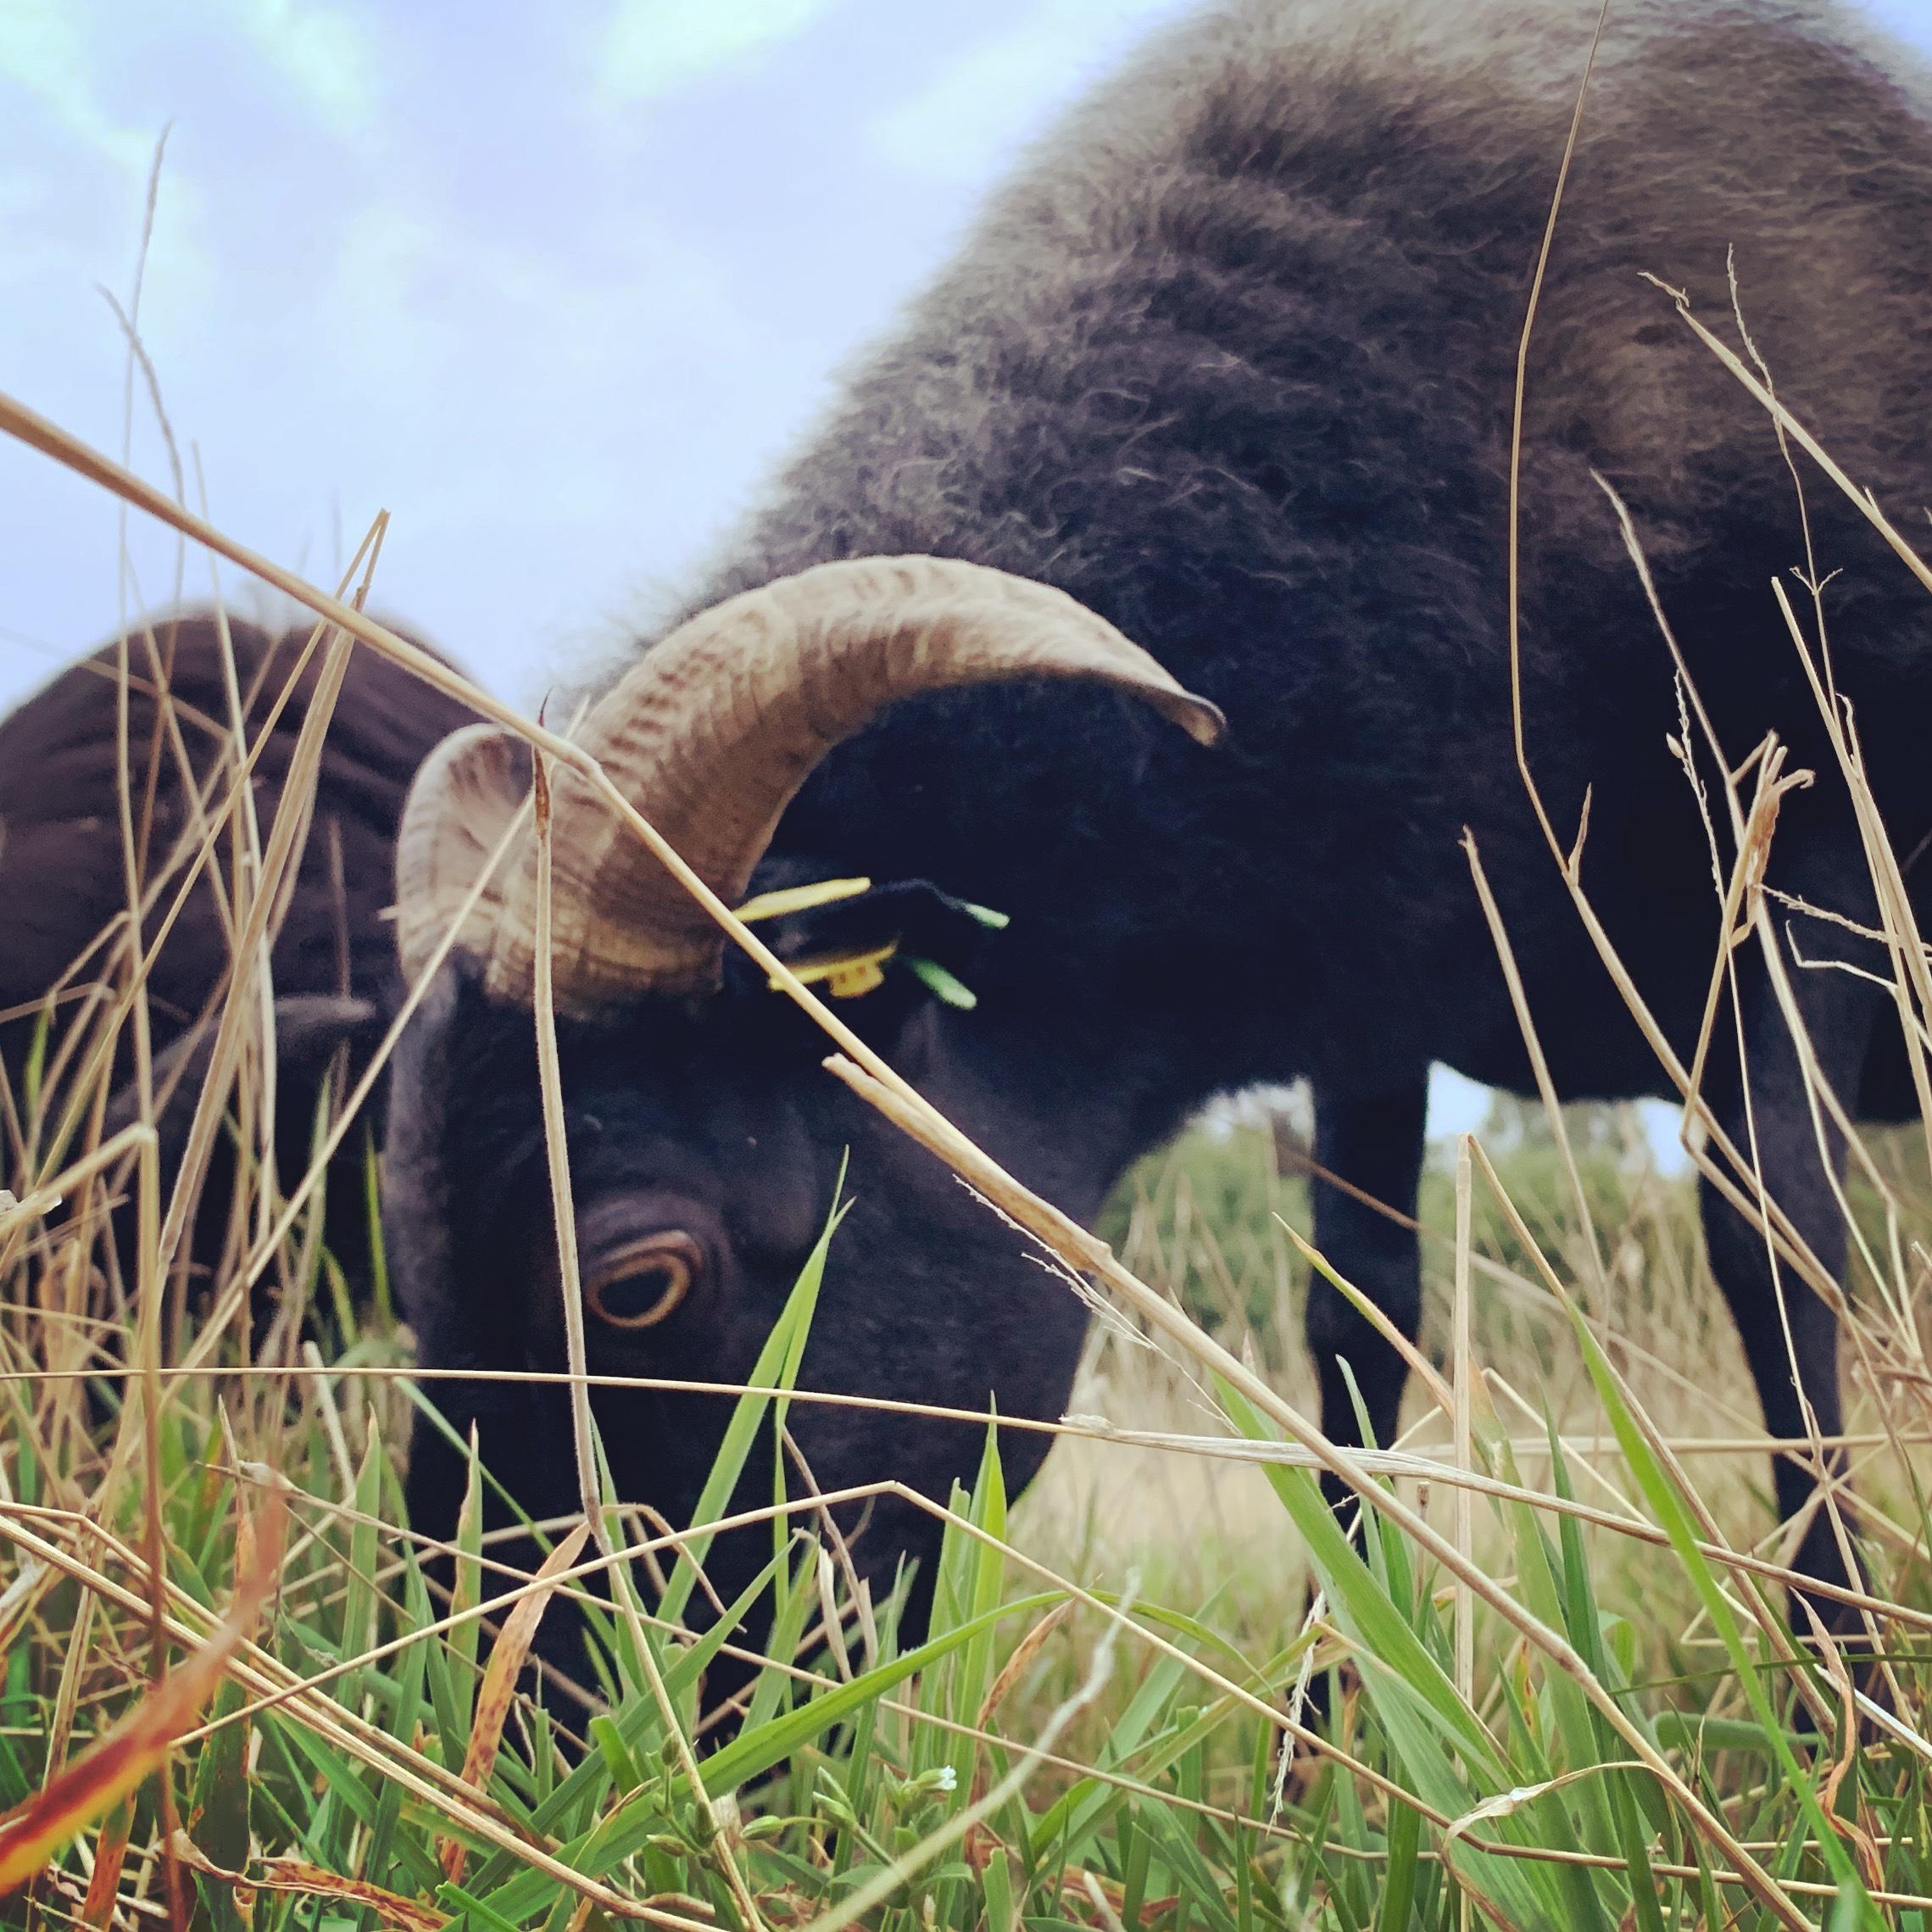 Wer wir sind - Der Hauptbestandteil unseres Lebens sind wohl unsere Schafe. Es vergeht kein Tag ohne. Was wir sonst schon so erlebt haben und warum wir heute die sind, die wir sind, erfahrt ihr hier!